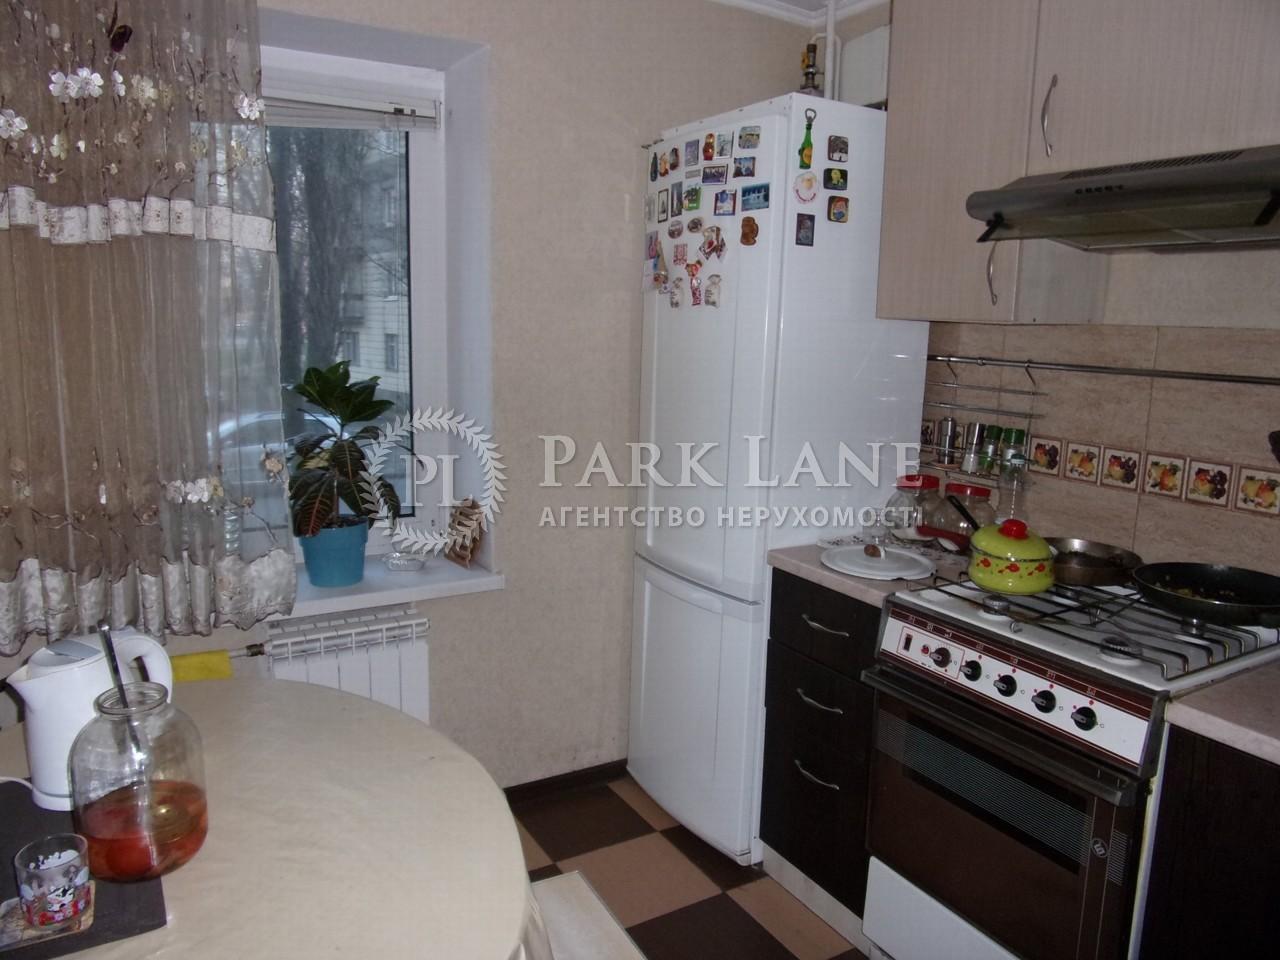 Нежилое помещение, Z-266167, Ивашкевича Ярослава, Киев - Фото 13